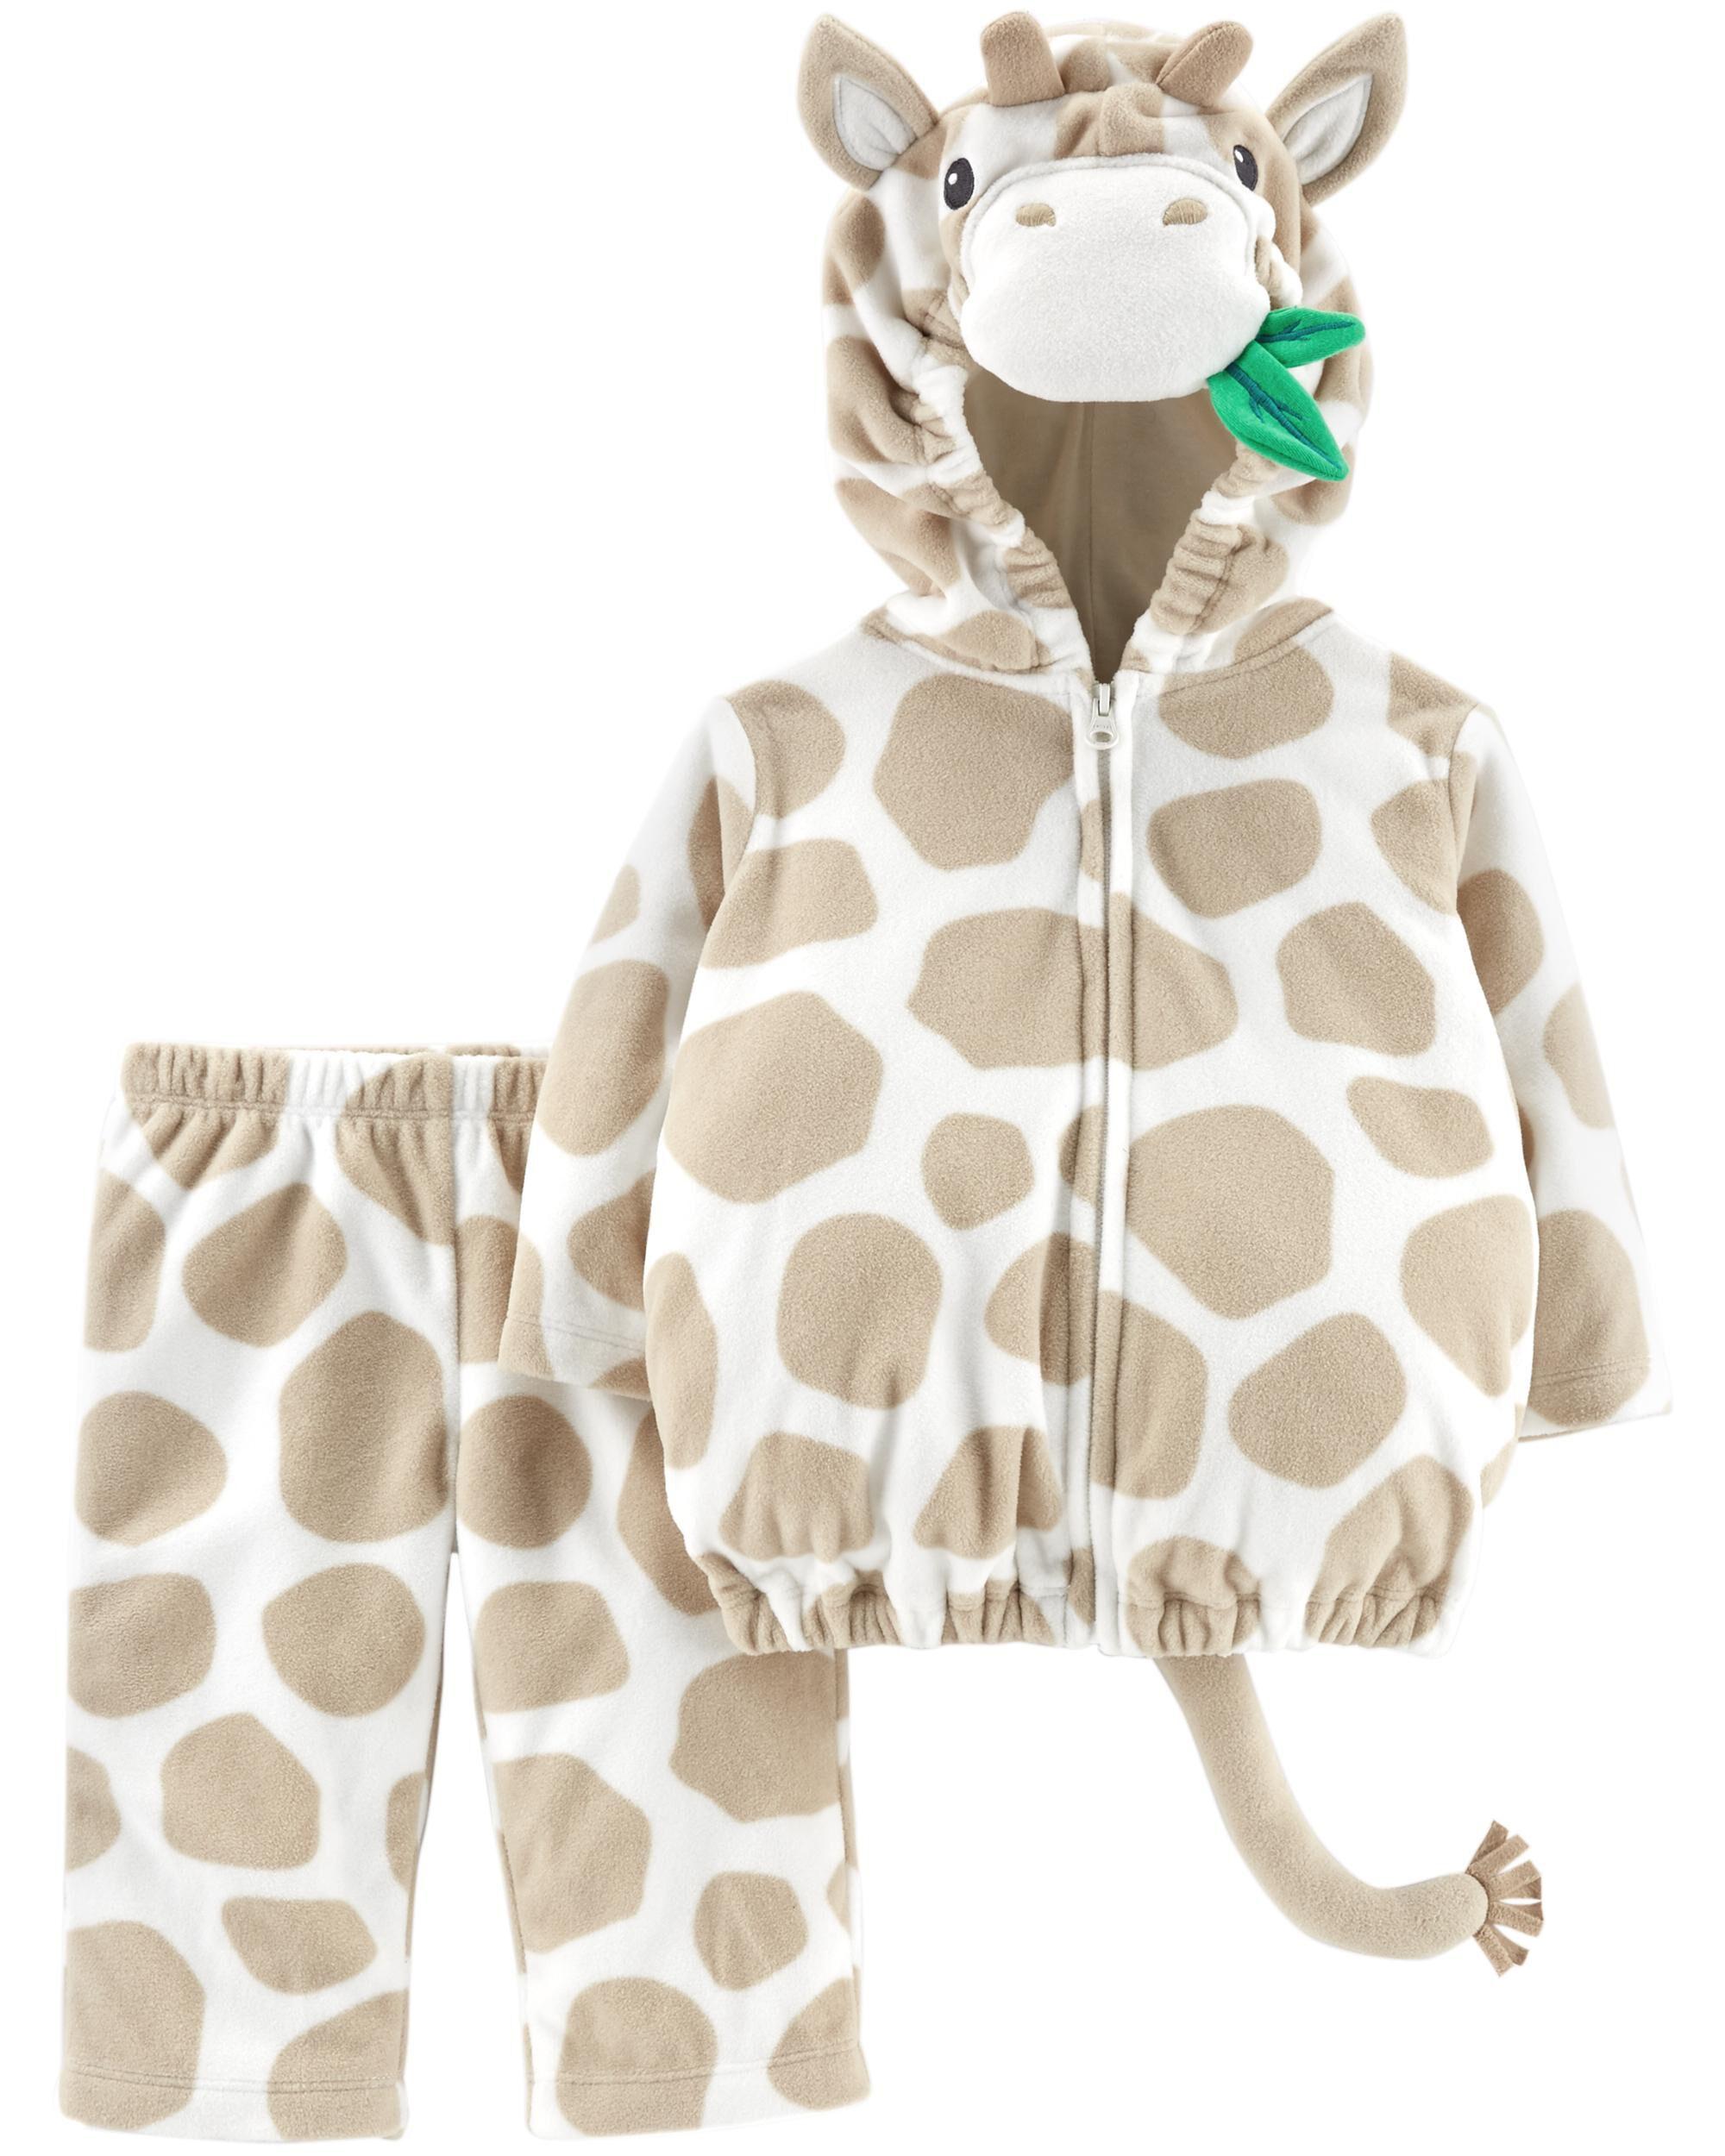 Little Giraffe Halloween Costume · Little Giraffe Halloween Costume  sc 1 st  Carteru0027s & Little Giraffe Halloween Costume | Carters.com